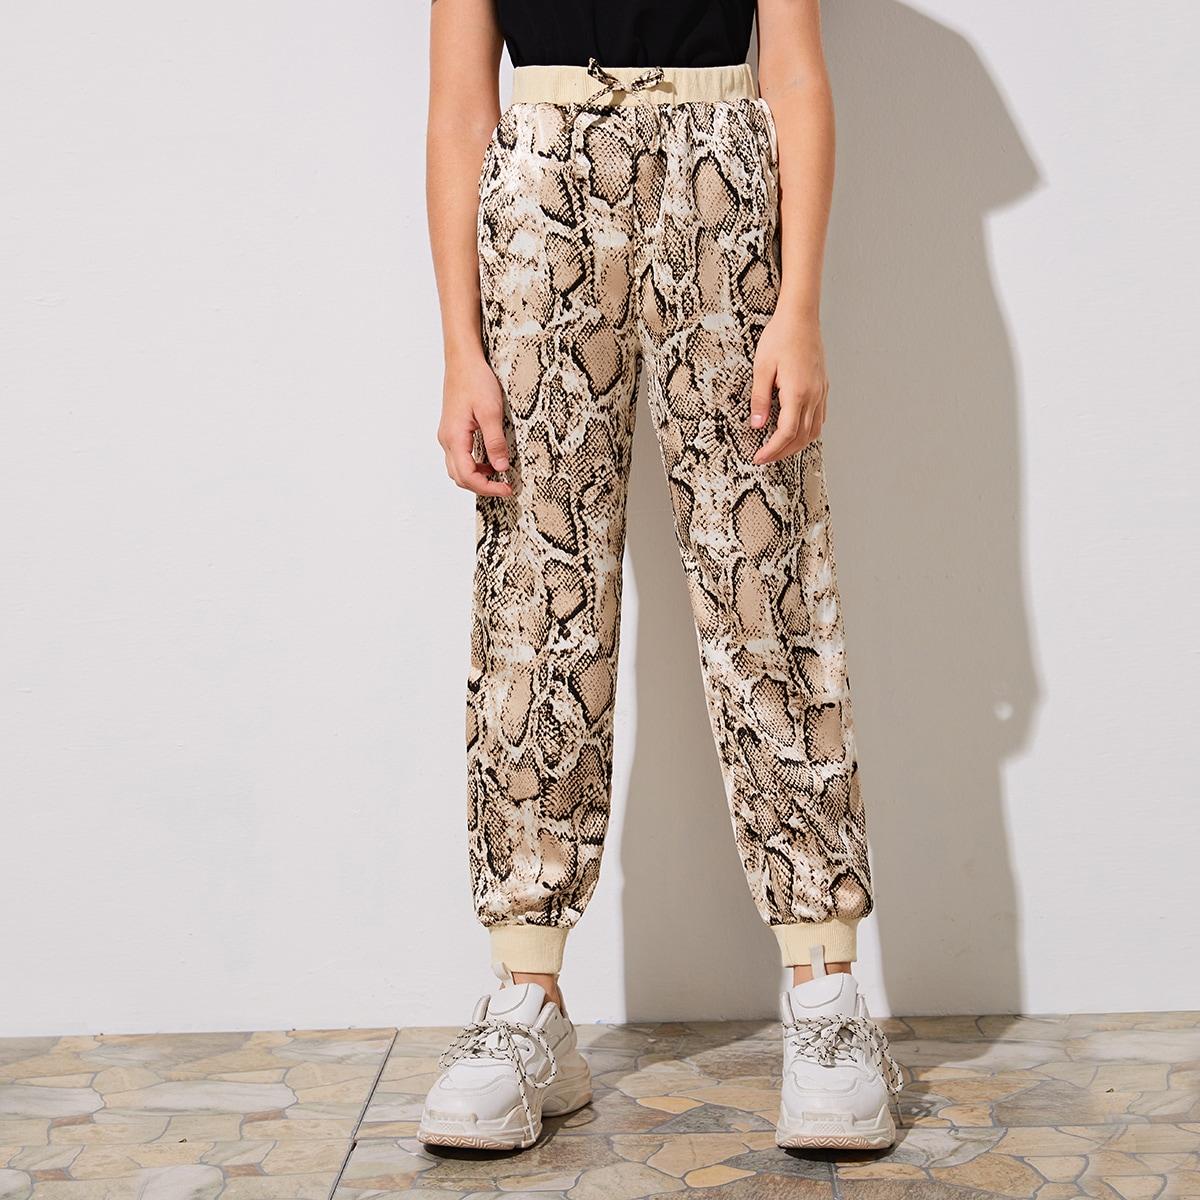 SHEIN / Pantalones de niñas con estampado de piel de serpiente de cintura y bajo de canalé